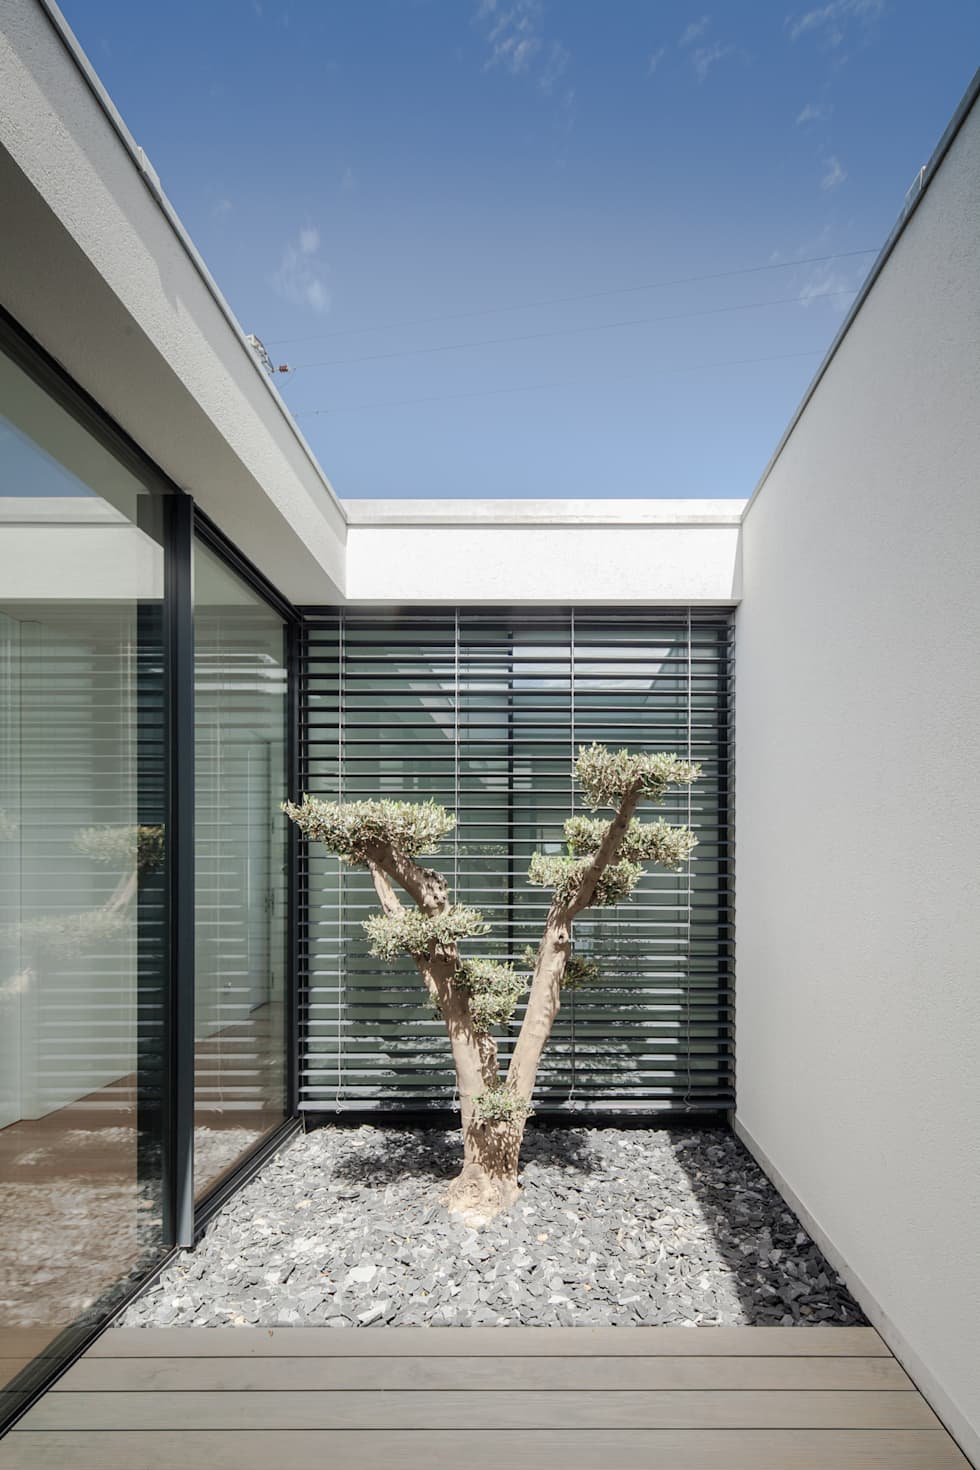 Casa em Gandra - Raulino Silva Arquitecto: Jardins minimalistas por Raulino Silva Arquitecto Unip. Lda